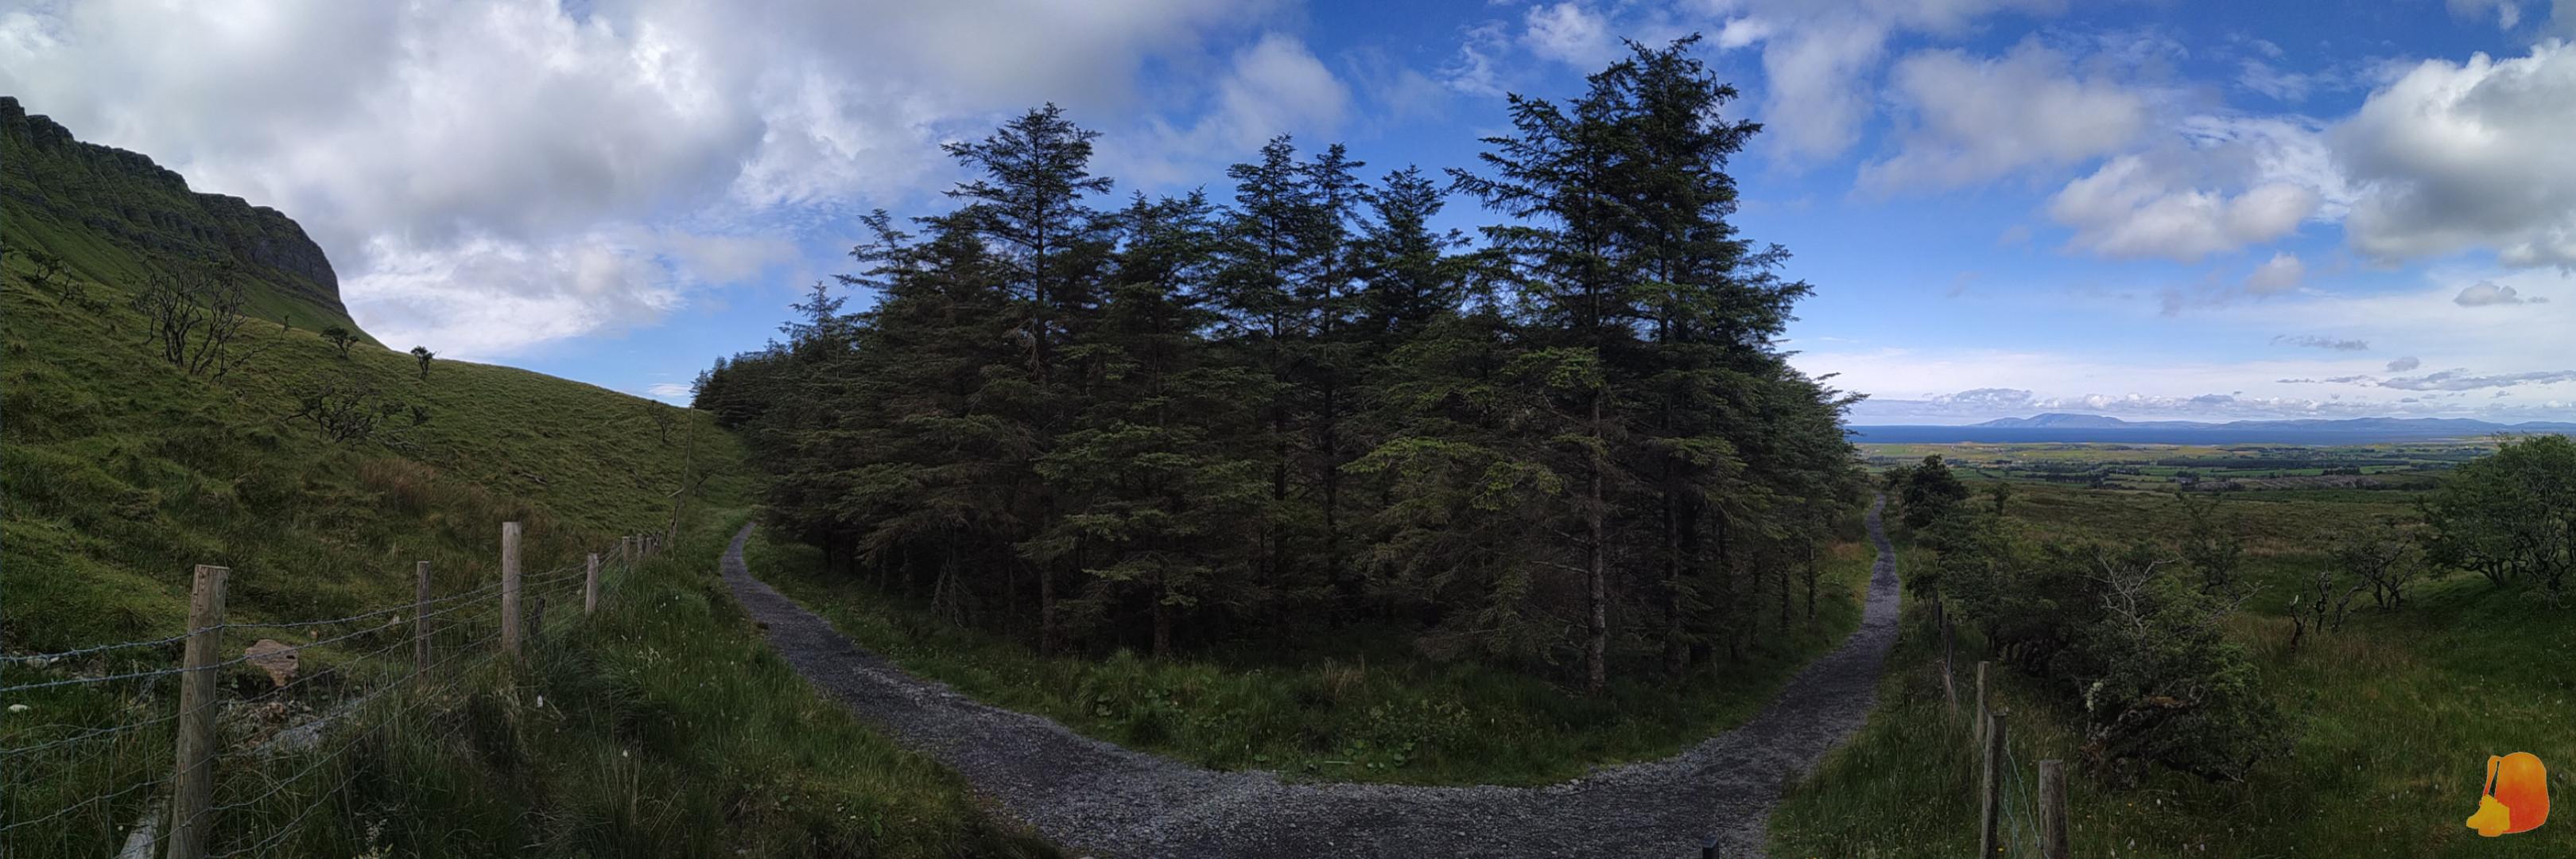 Panorámica de la ruta. De izquiera a derecha: montaña Benbulben, bosque y vistas al Atlántico